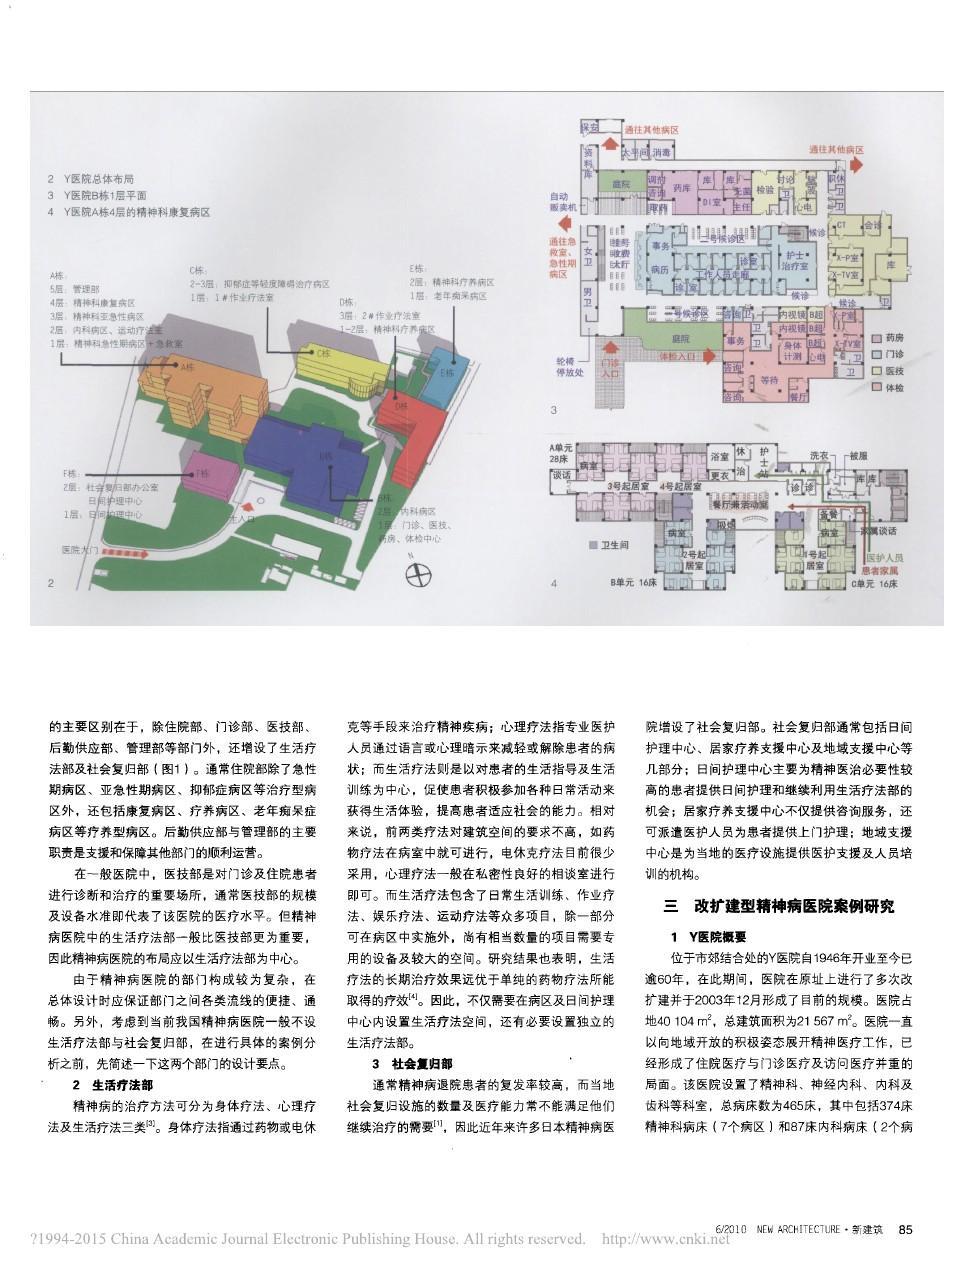 日本精神病案例建筑设计的手机v案例母亲节医院店海报六合无绝对片